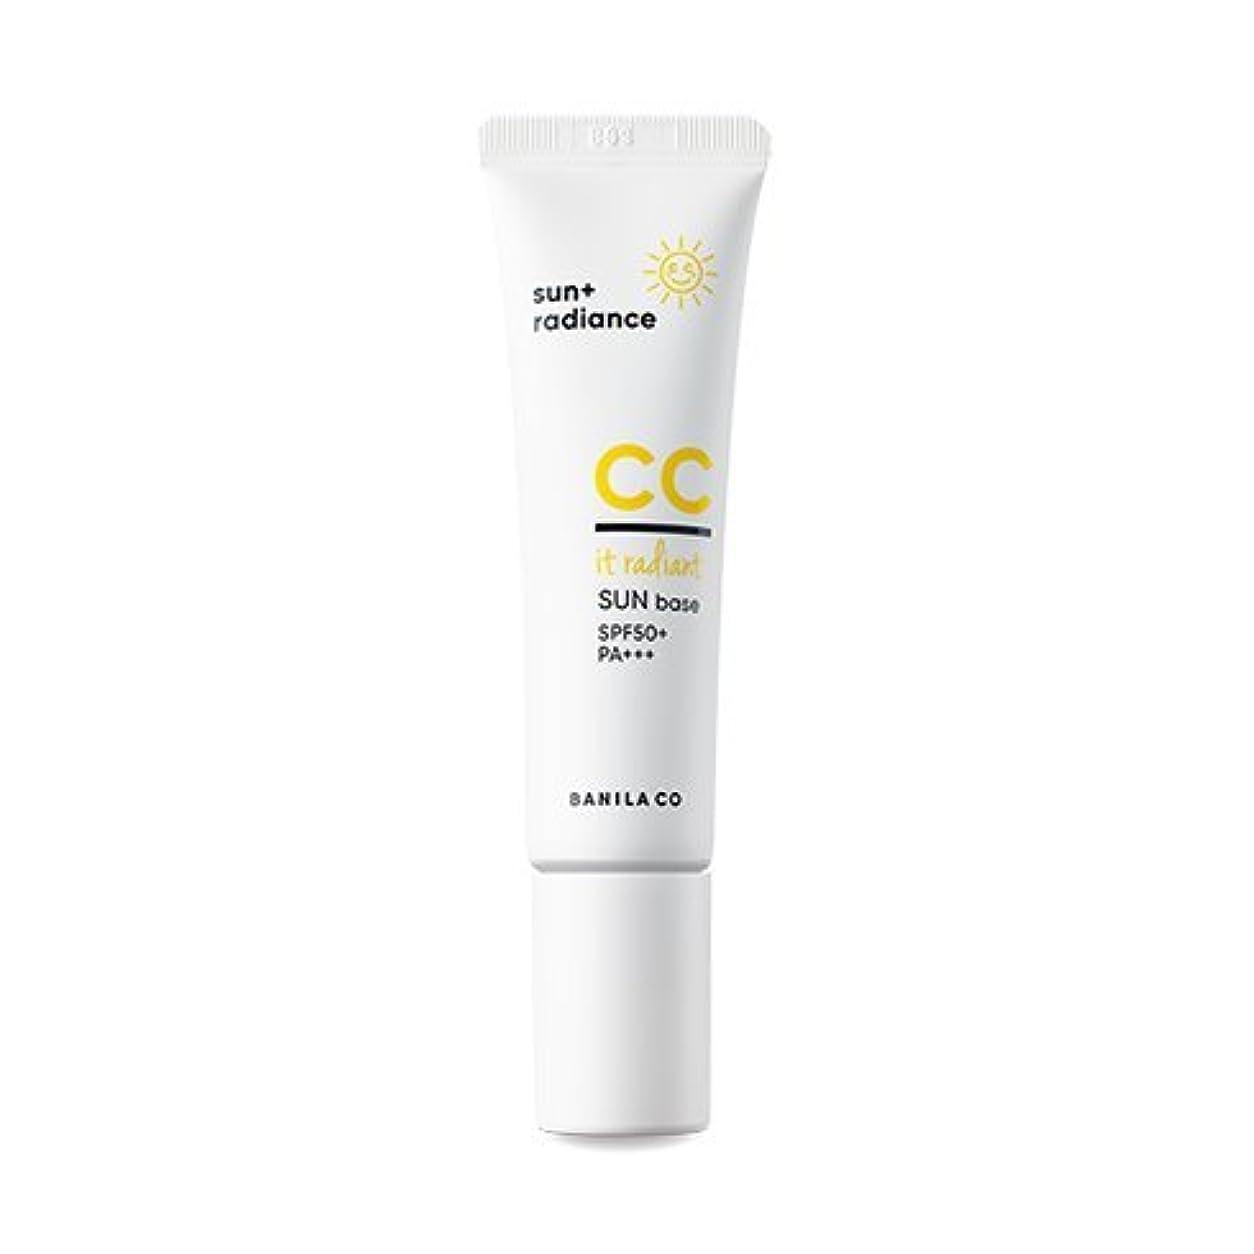 上にとても多くの具体的に[Renewal] BANILA CO It Radiant CC Sun Base 30ml/バニラコ イット ラディアント CC サン ベース 30ml [並行輸入品]